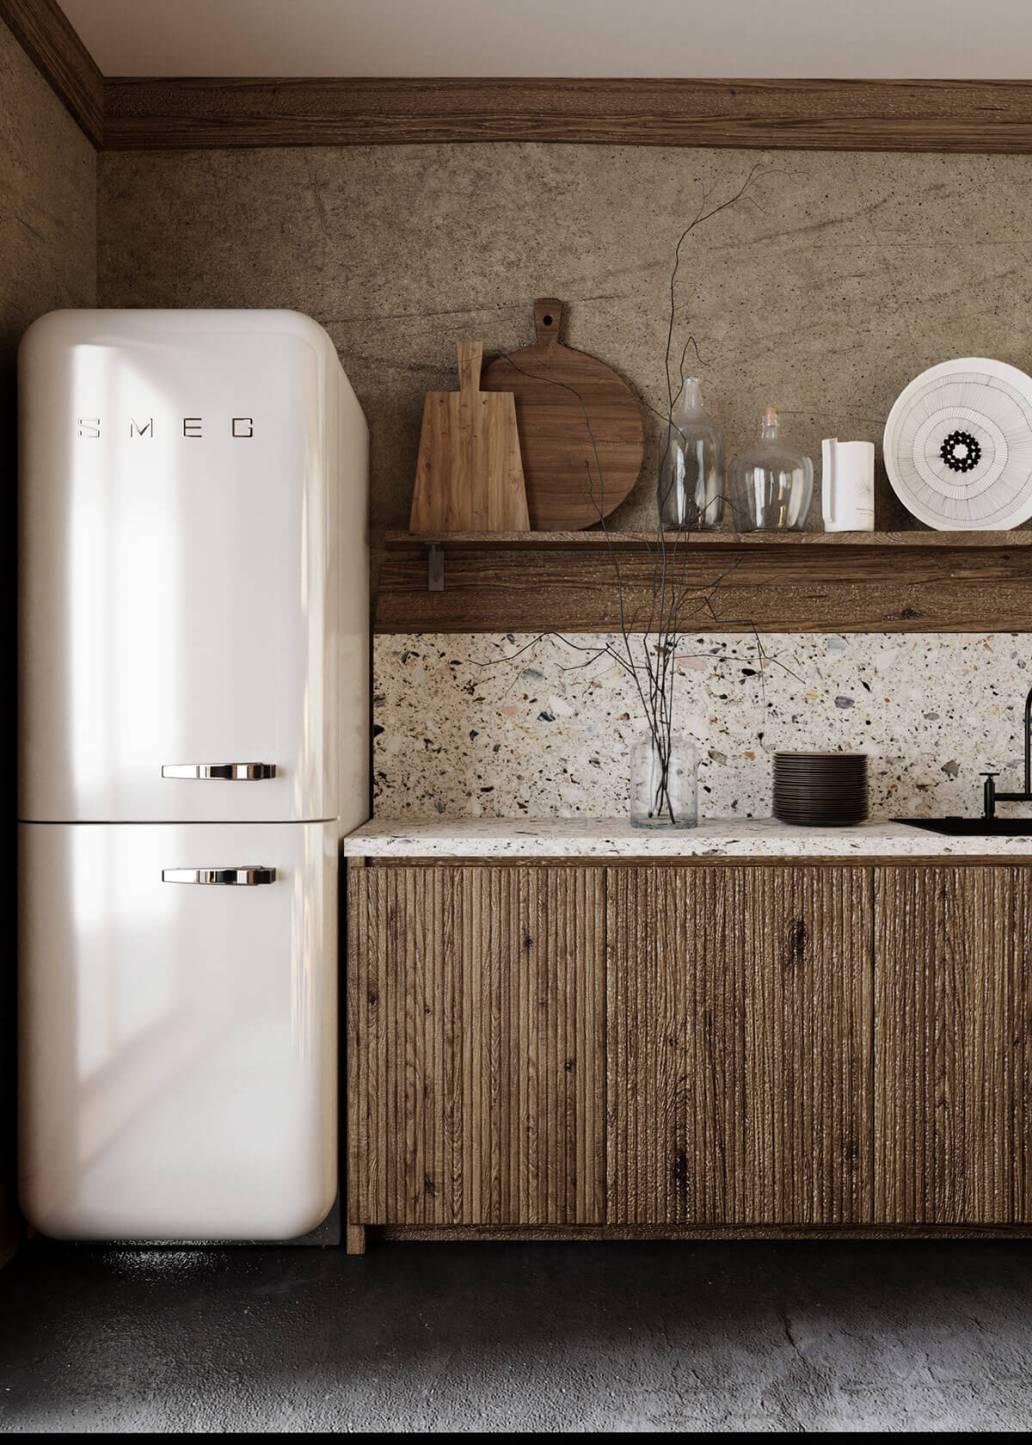 wooden kitchen - Conseils rénovation : comment bien choisir sa cuisine